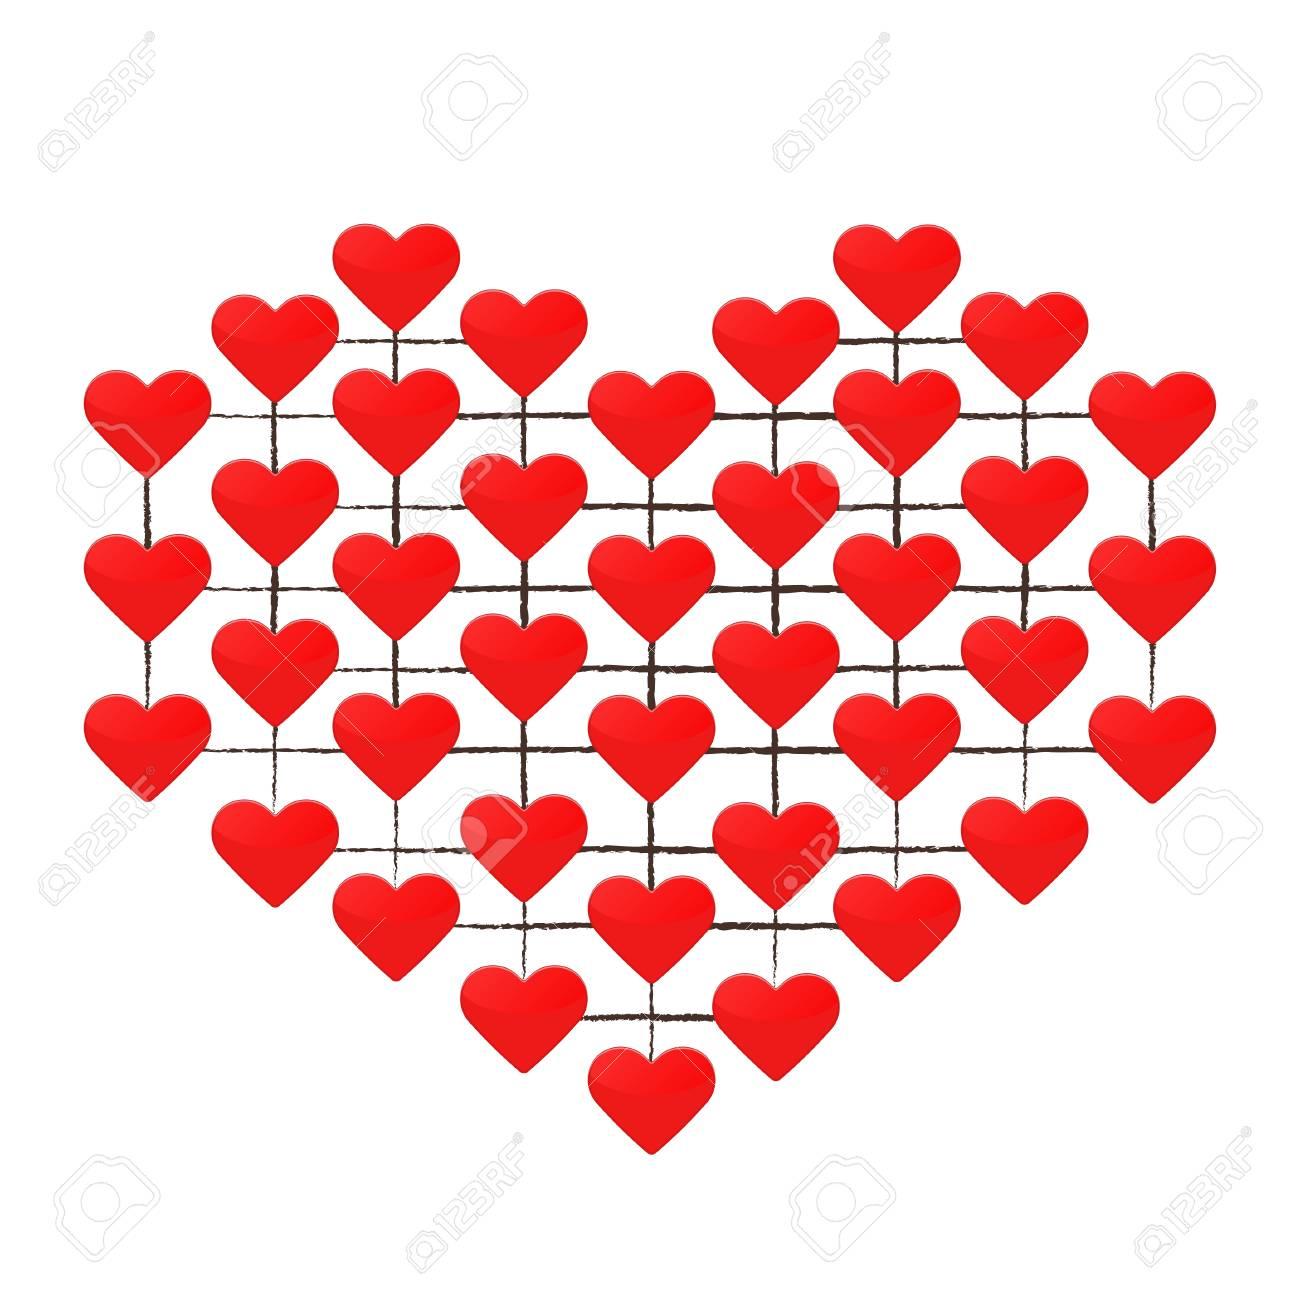 Corazón Hecho De Muchos Corazones Rojos Sobre Un Fondo Blanco